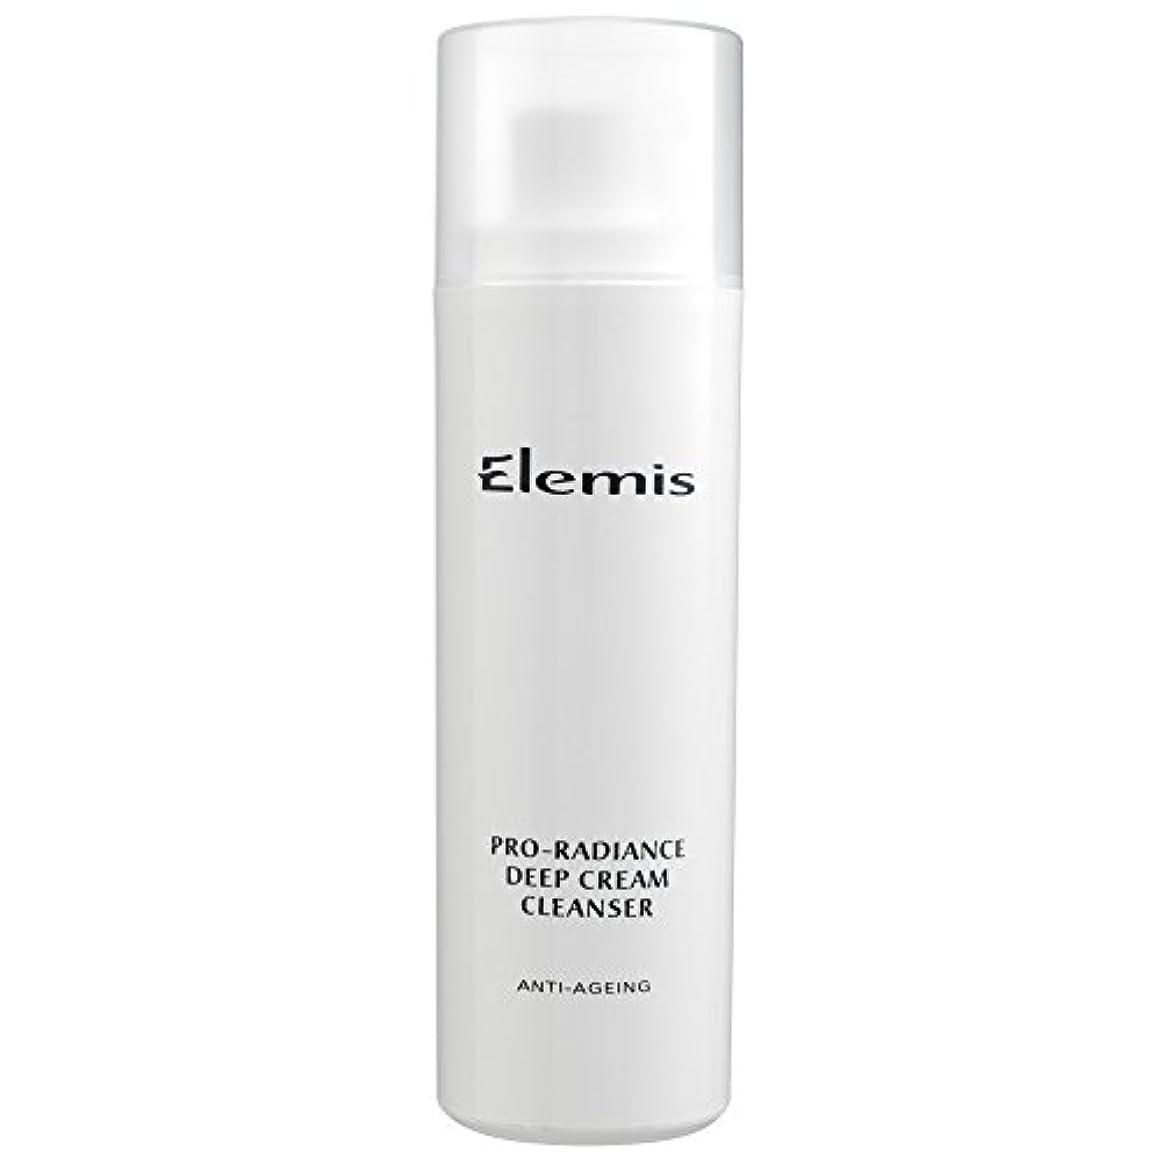 不十分なさまようラベエレミスプロ輝きクリームクレンザー、150ミリリットル (Elemis) (x2) - Elemis Pro-Radiance Cream Cleanser, 150ml (Pack of 2) [並行輸入品]